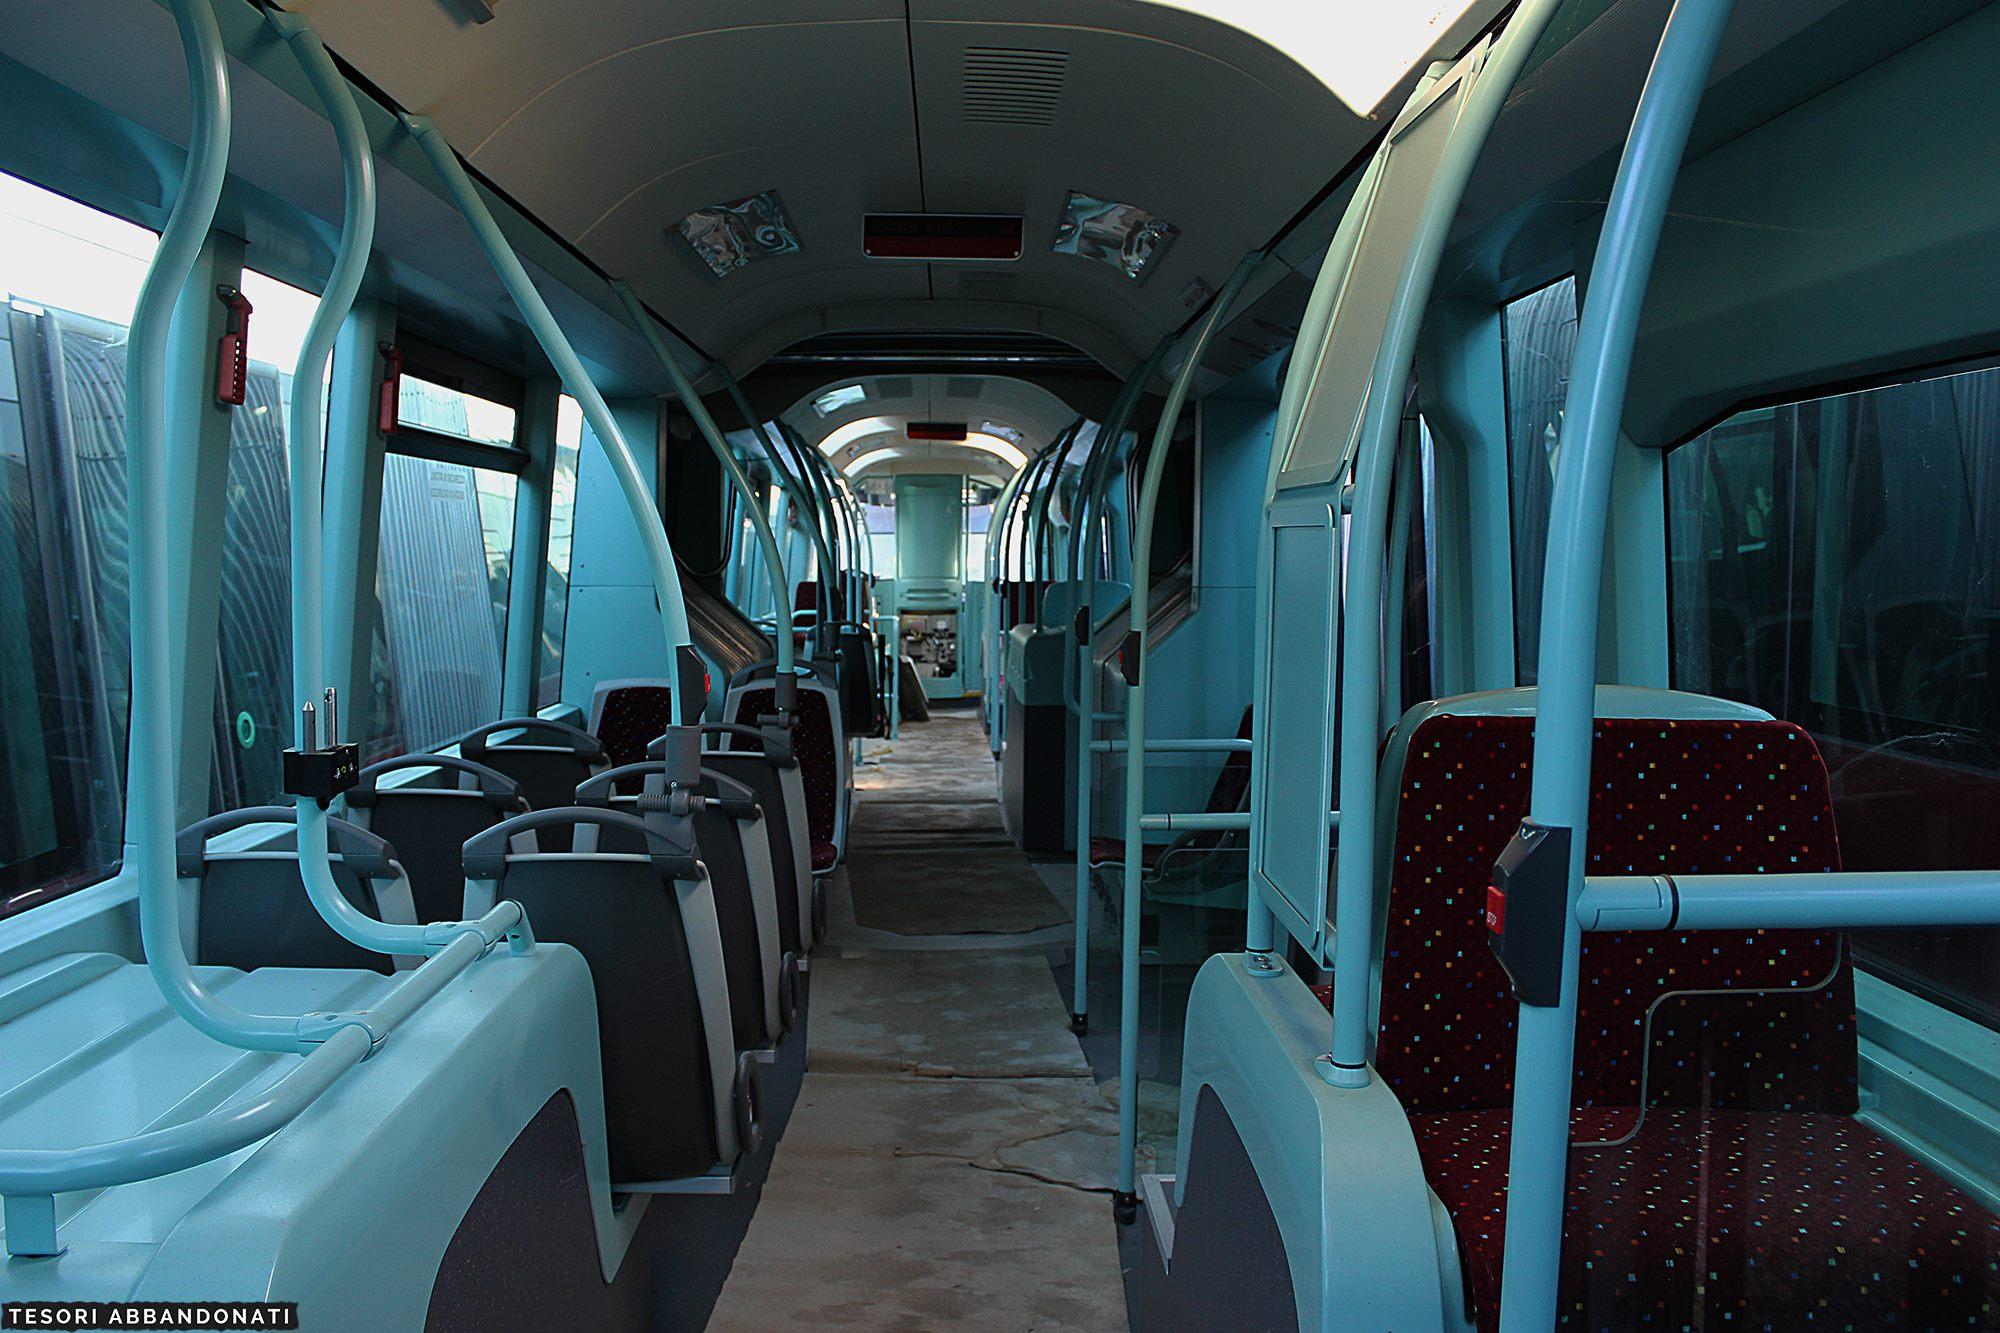 Na těchto sedadlech nikdy žádný cestující neseděl. (foto:  Tessori Abbandonati )